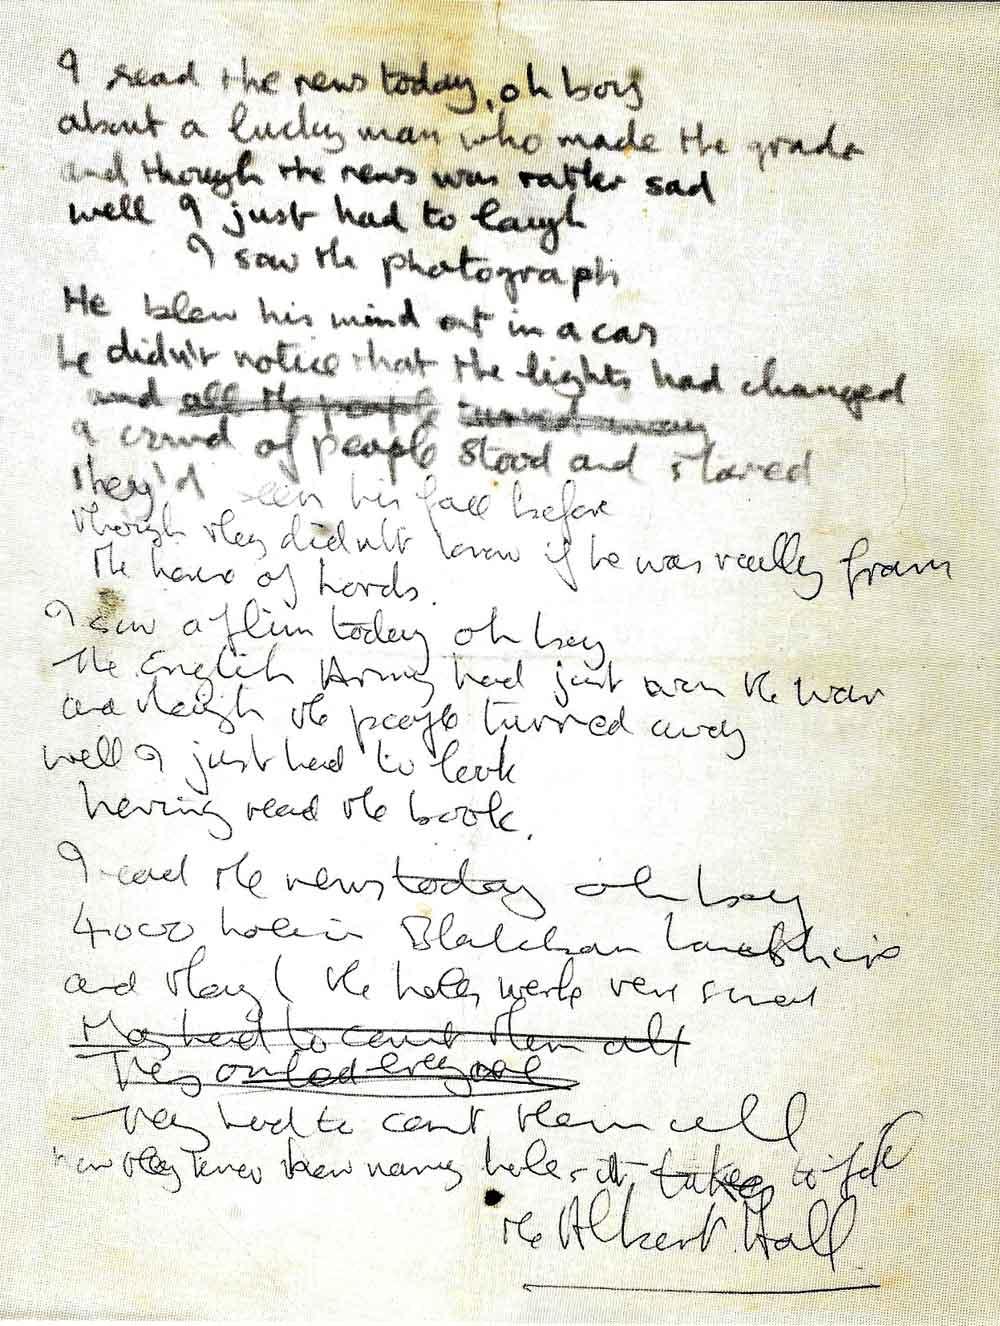 John Lennon's Handwritten Lyrics for The Beatles A Day in the Life